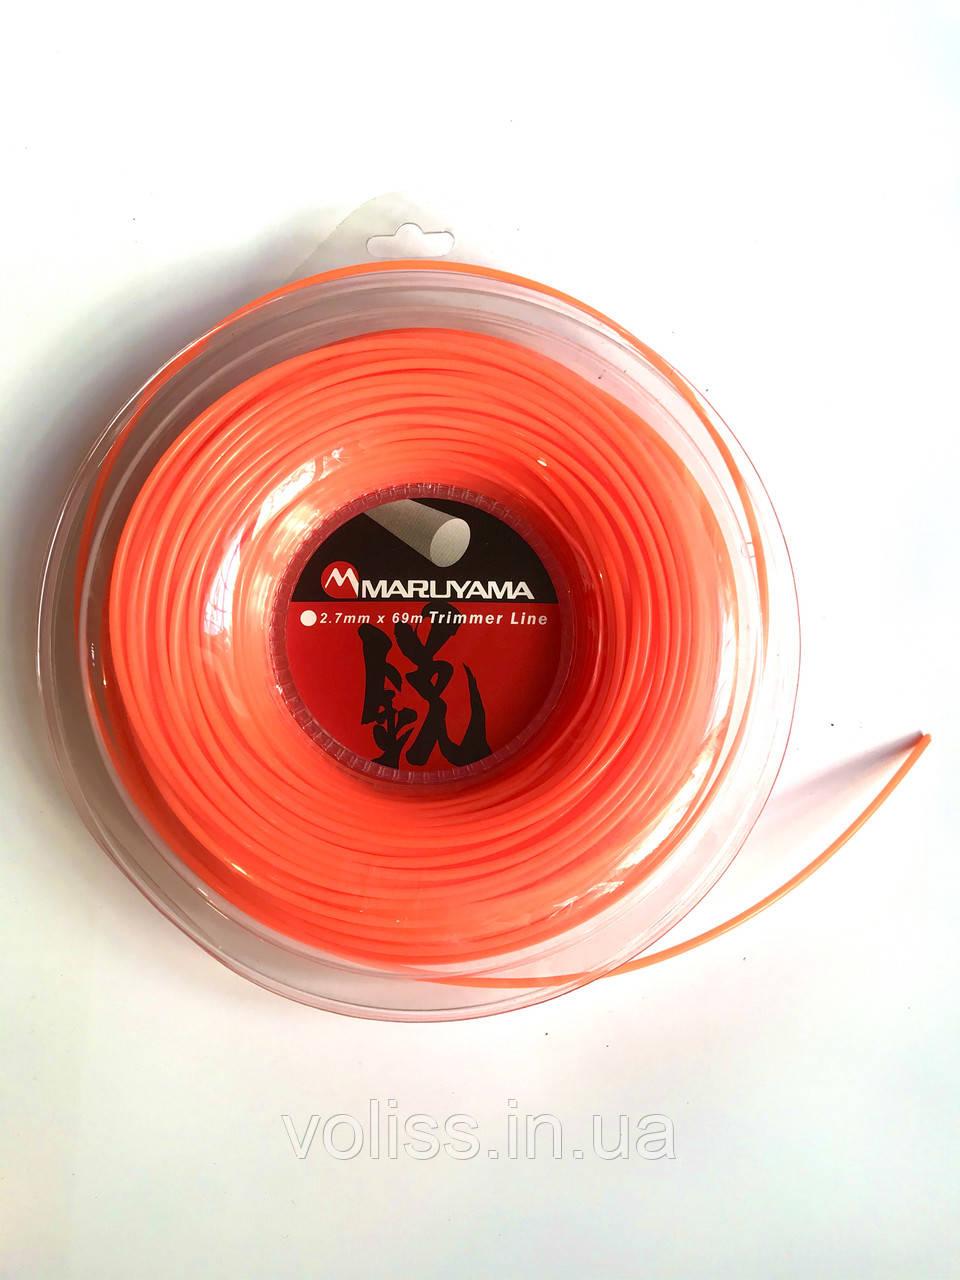 Косильна волосінь (корд) квадратна Maruyama 2,7 мм х 69м